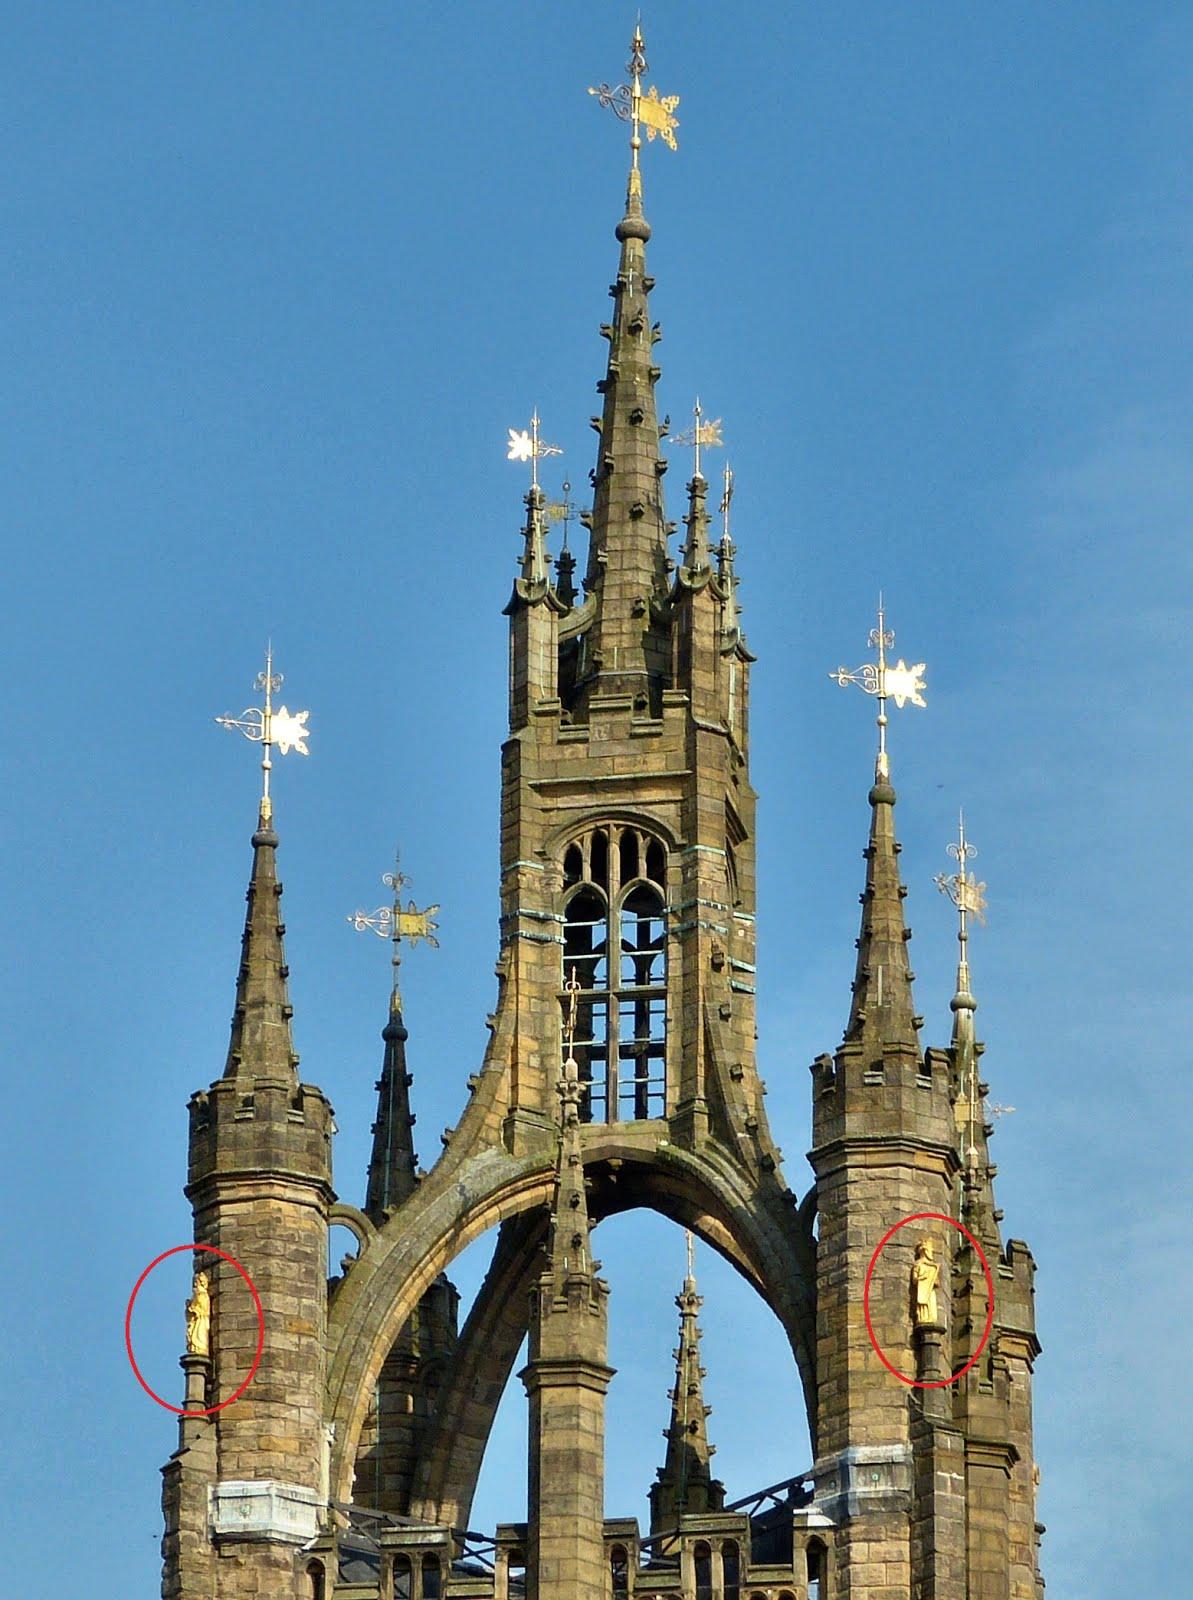 Башня кафедрального собора св.Николая в Ньюкасле